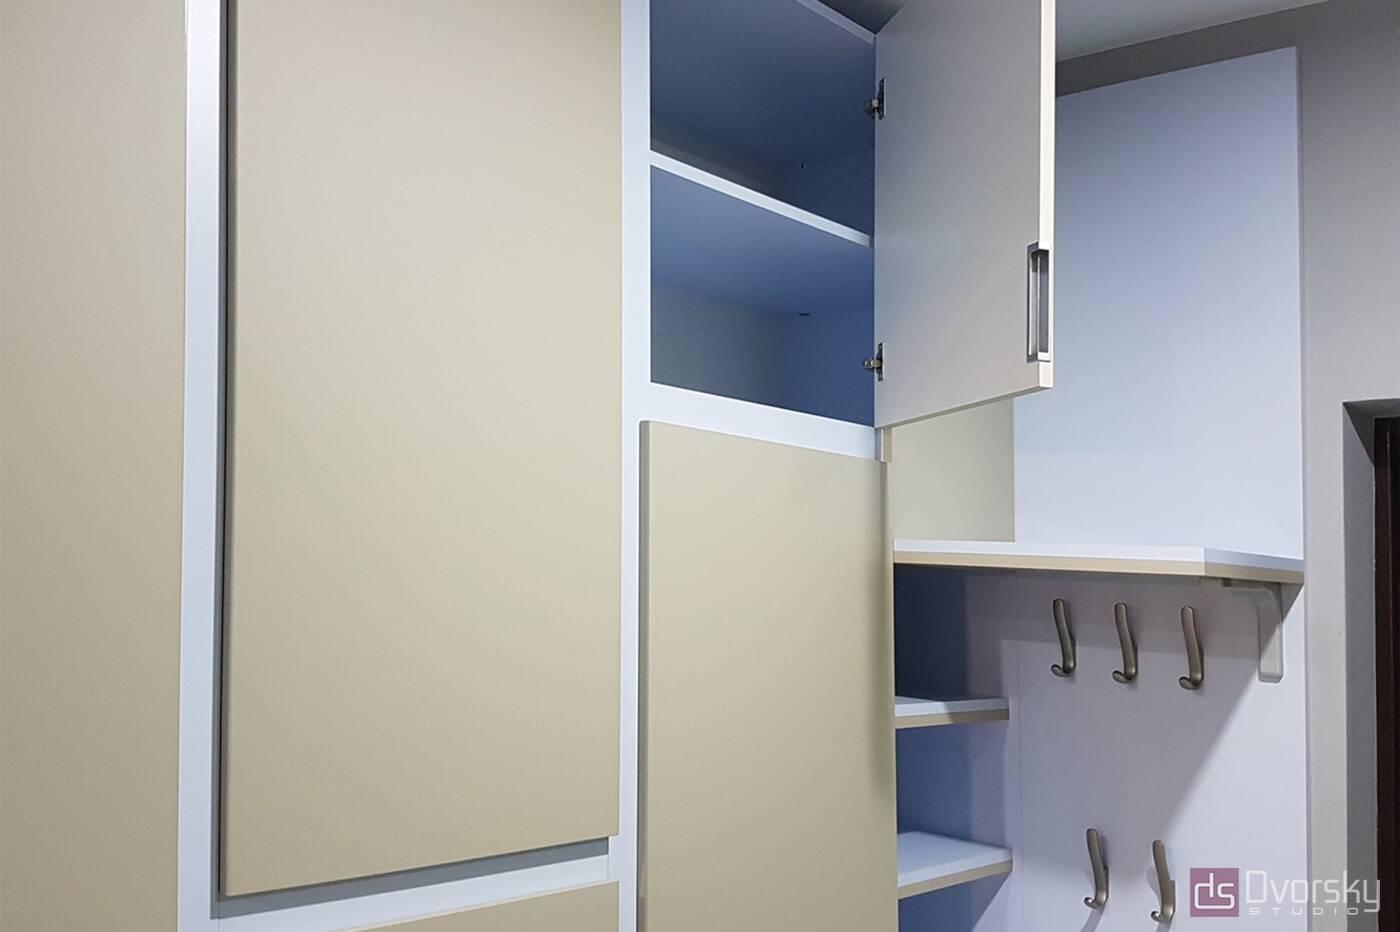 Шкафы распашные Шкаф распашной со скрытыми ручками - Фото № 1